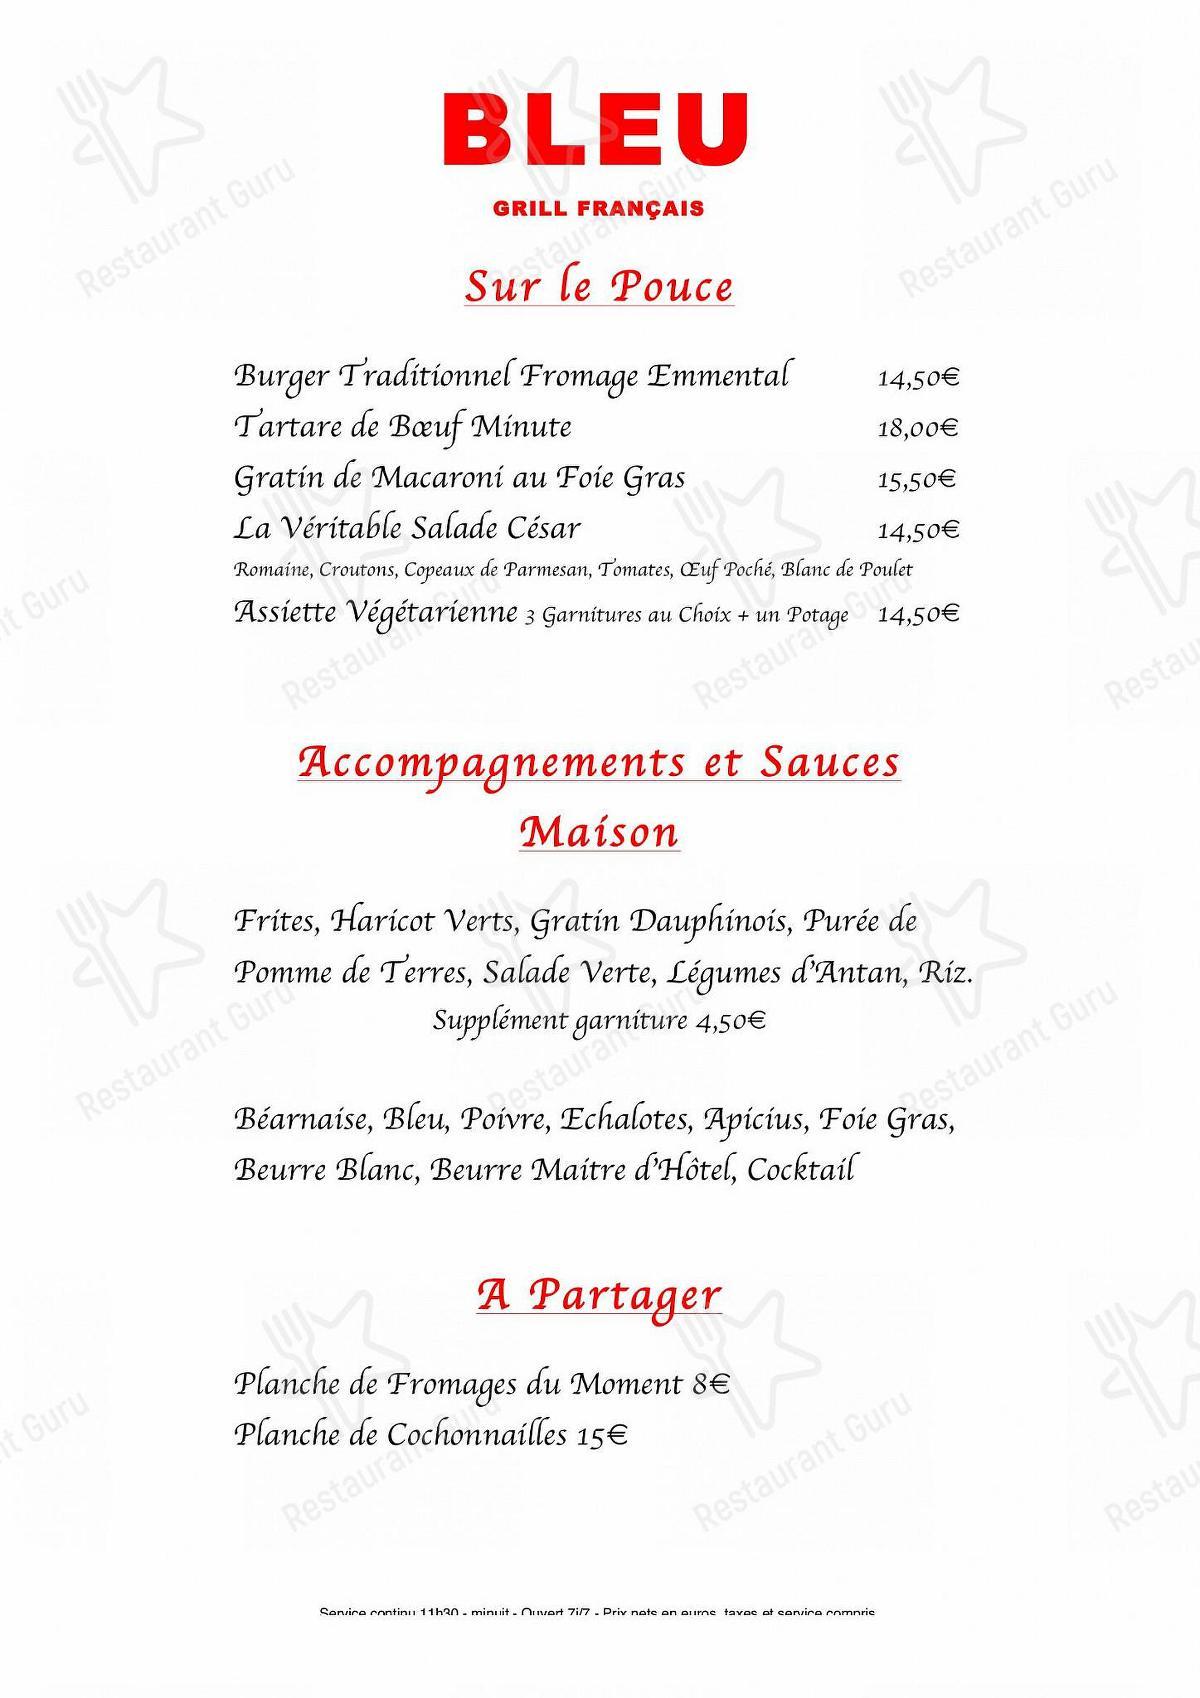 Menu pour Restaurant Bleu Grill Français - repas et boissons